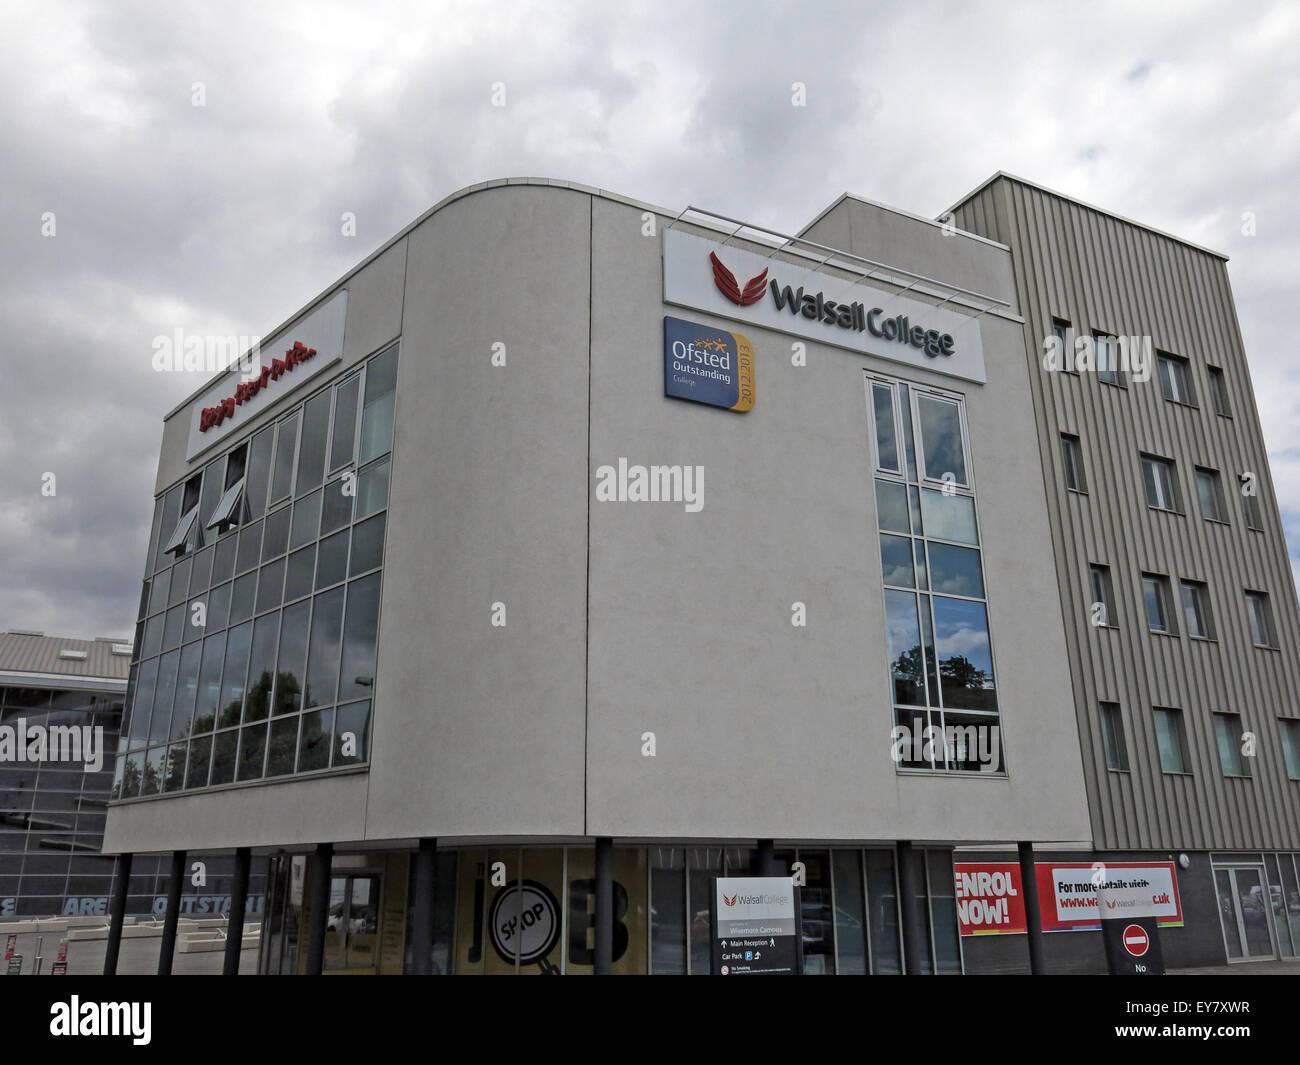 Laden Sie dieses Alamy Stockfoto Walsall College im Hauptgebäude, West Midlands, England, UK - EY7XWR